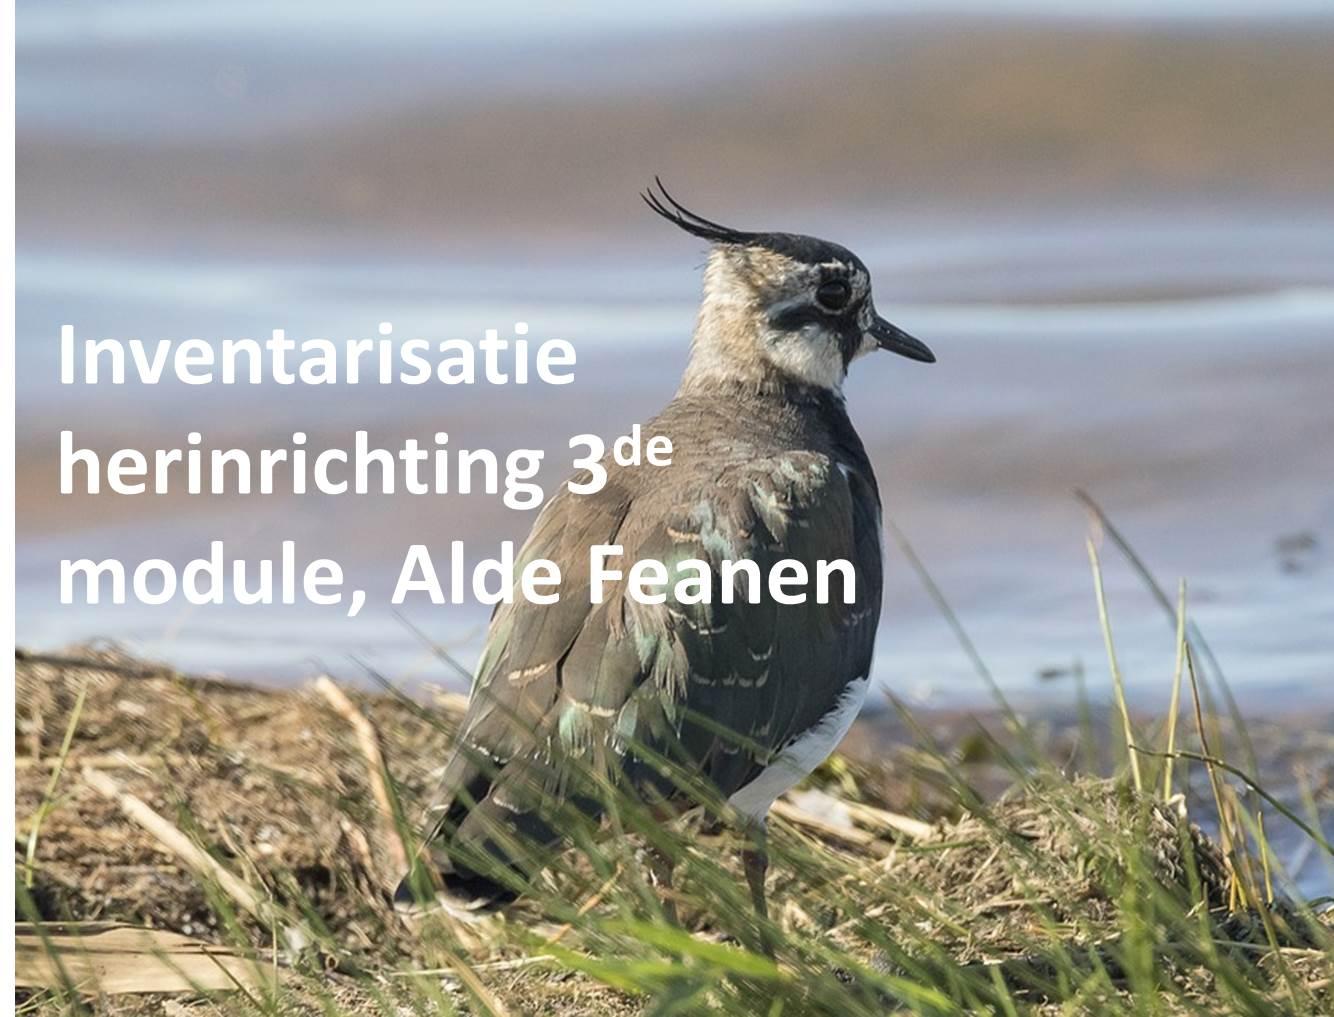 Inventarisatie herinrichting 3de module, Alde Feanen